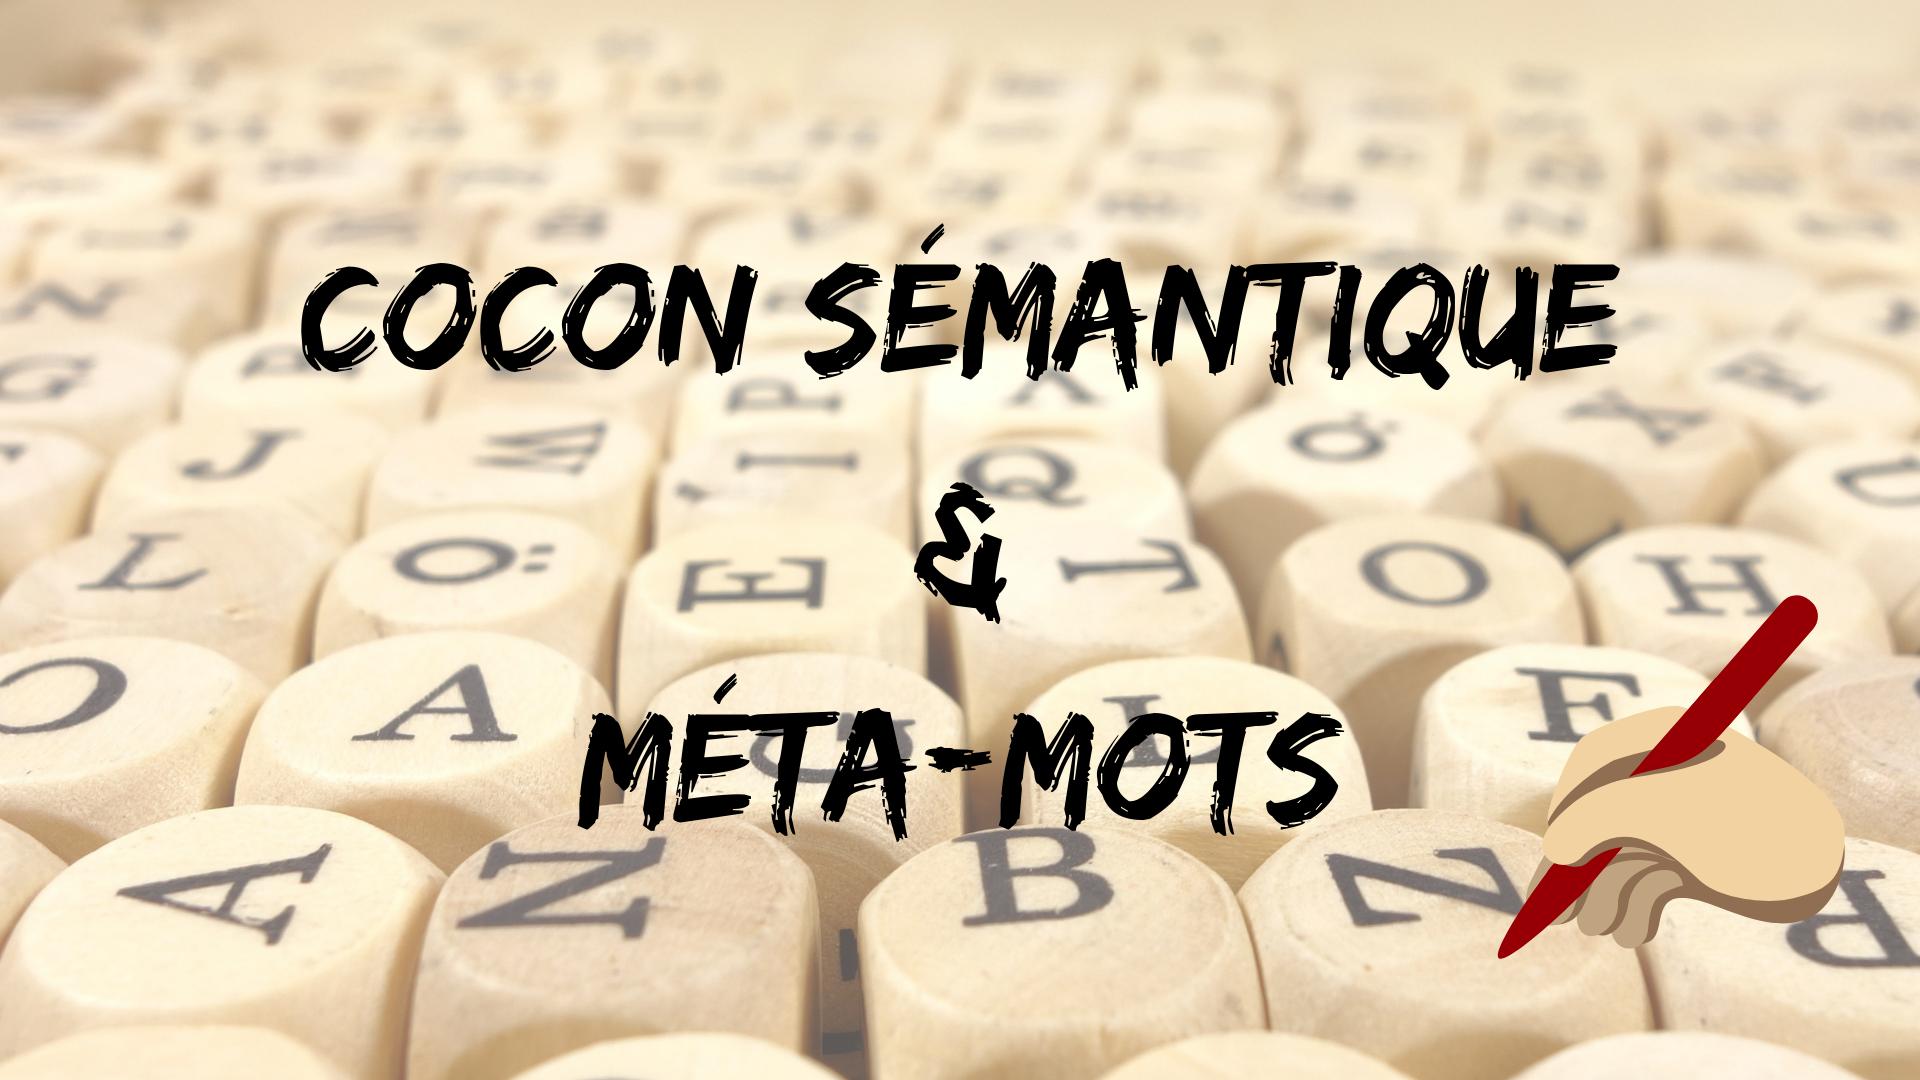 Le cocon sémantique, ce que vous devez savoir